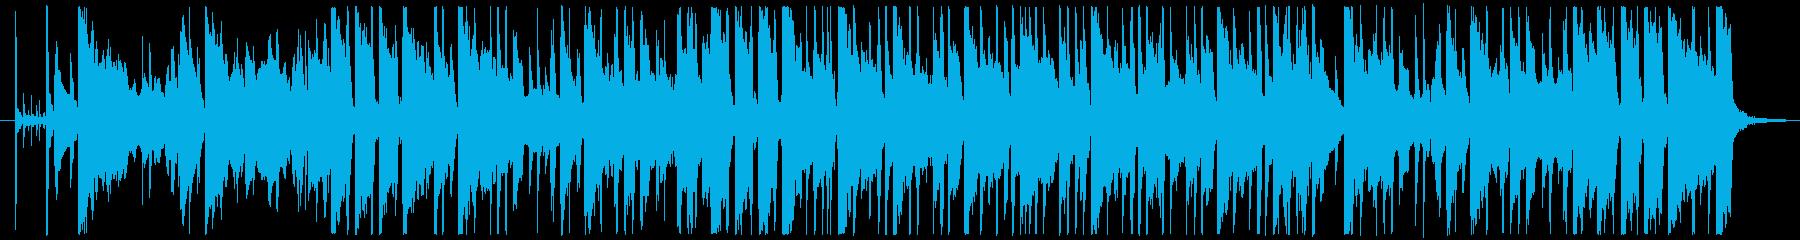 アダルトでちょい切ないジャズフュージョンの再生済みの波形